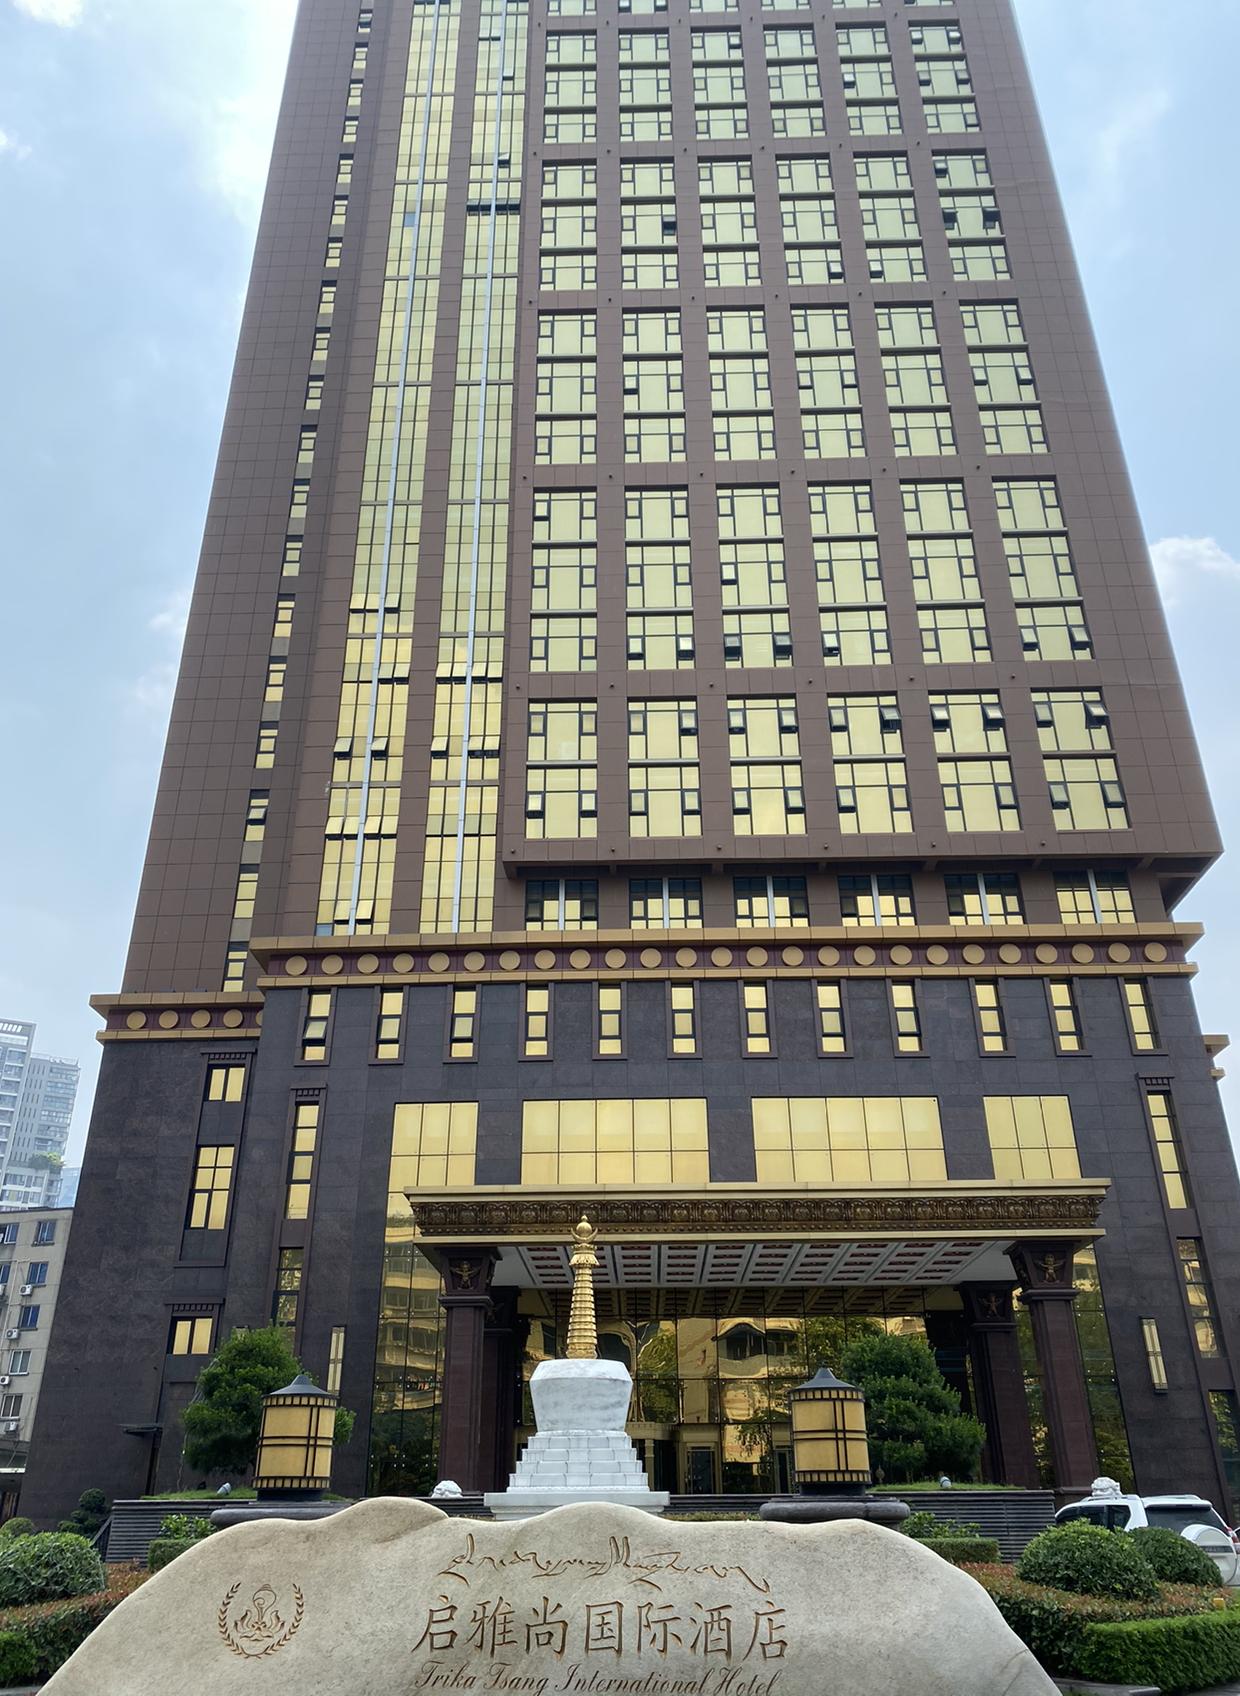 启雅尚国际酒店